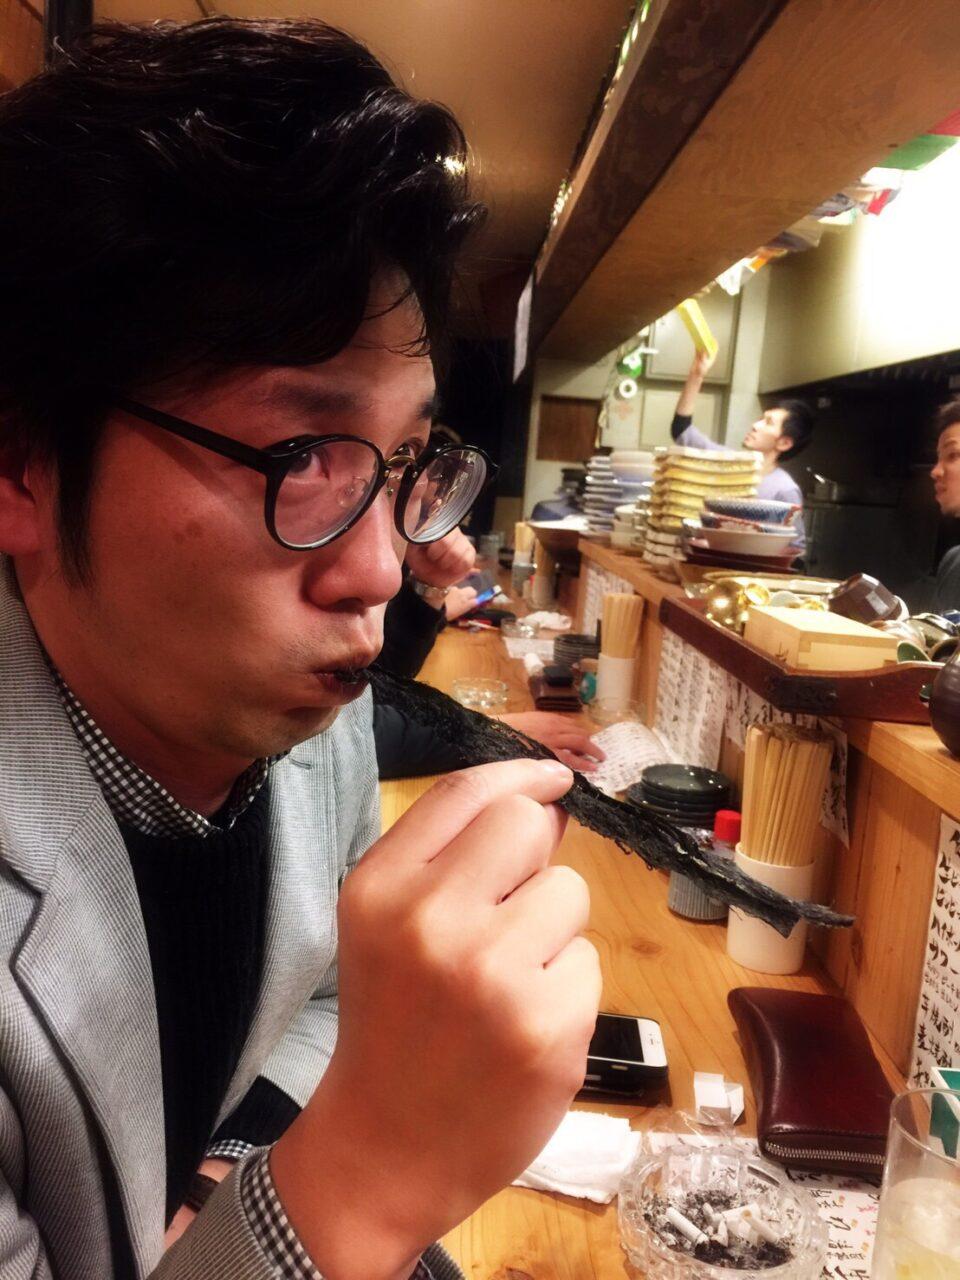 【食べ物紹介】すごいぞ!うまいぞ!十六島海苔(うっぷるいのり)!